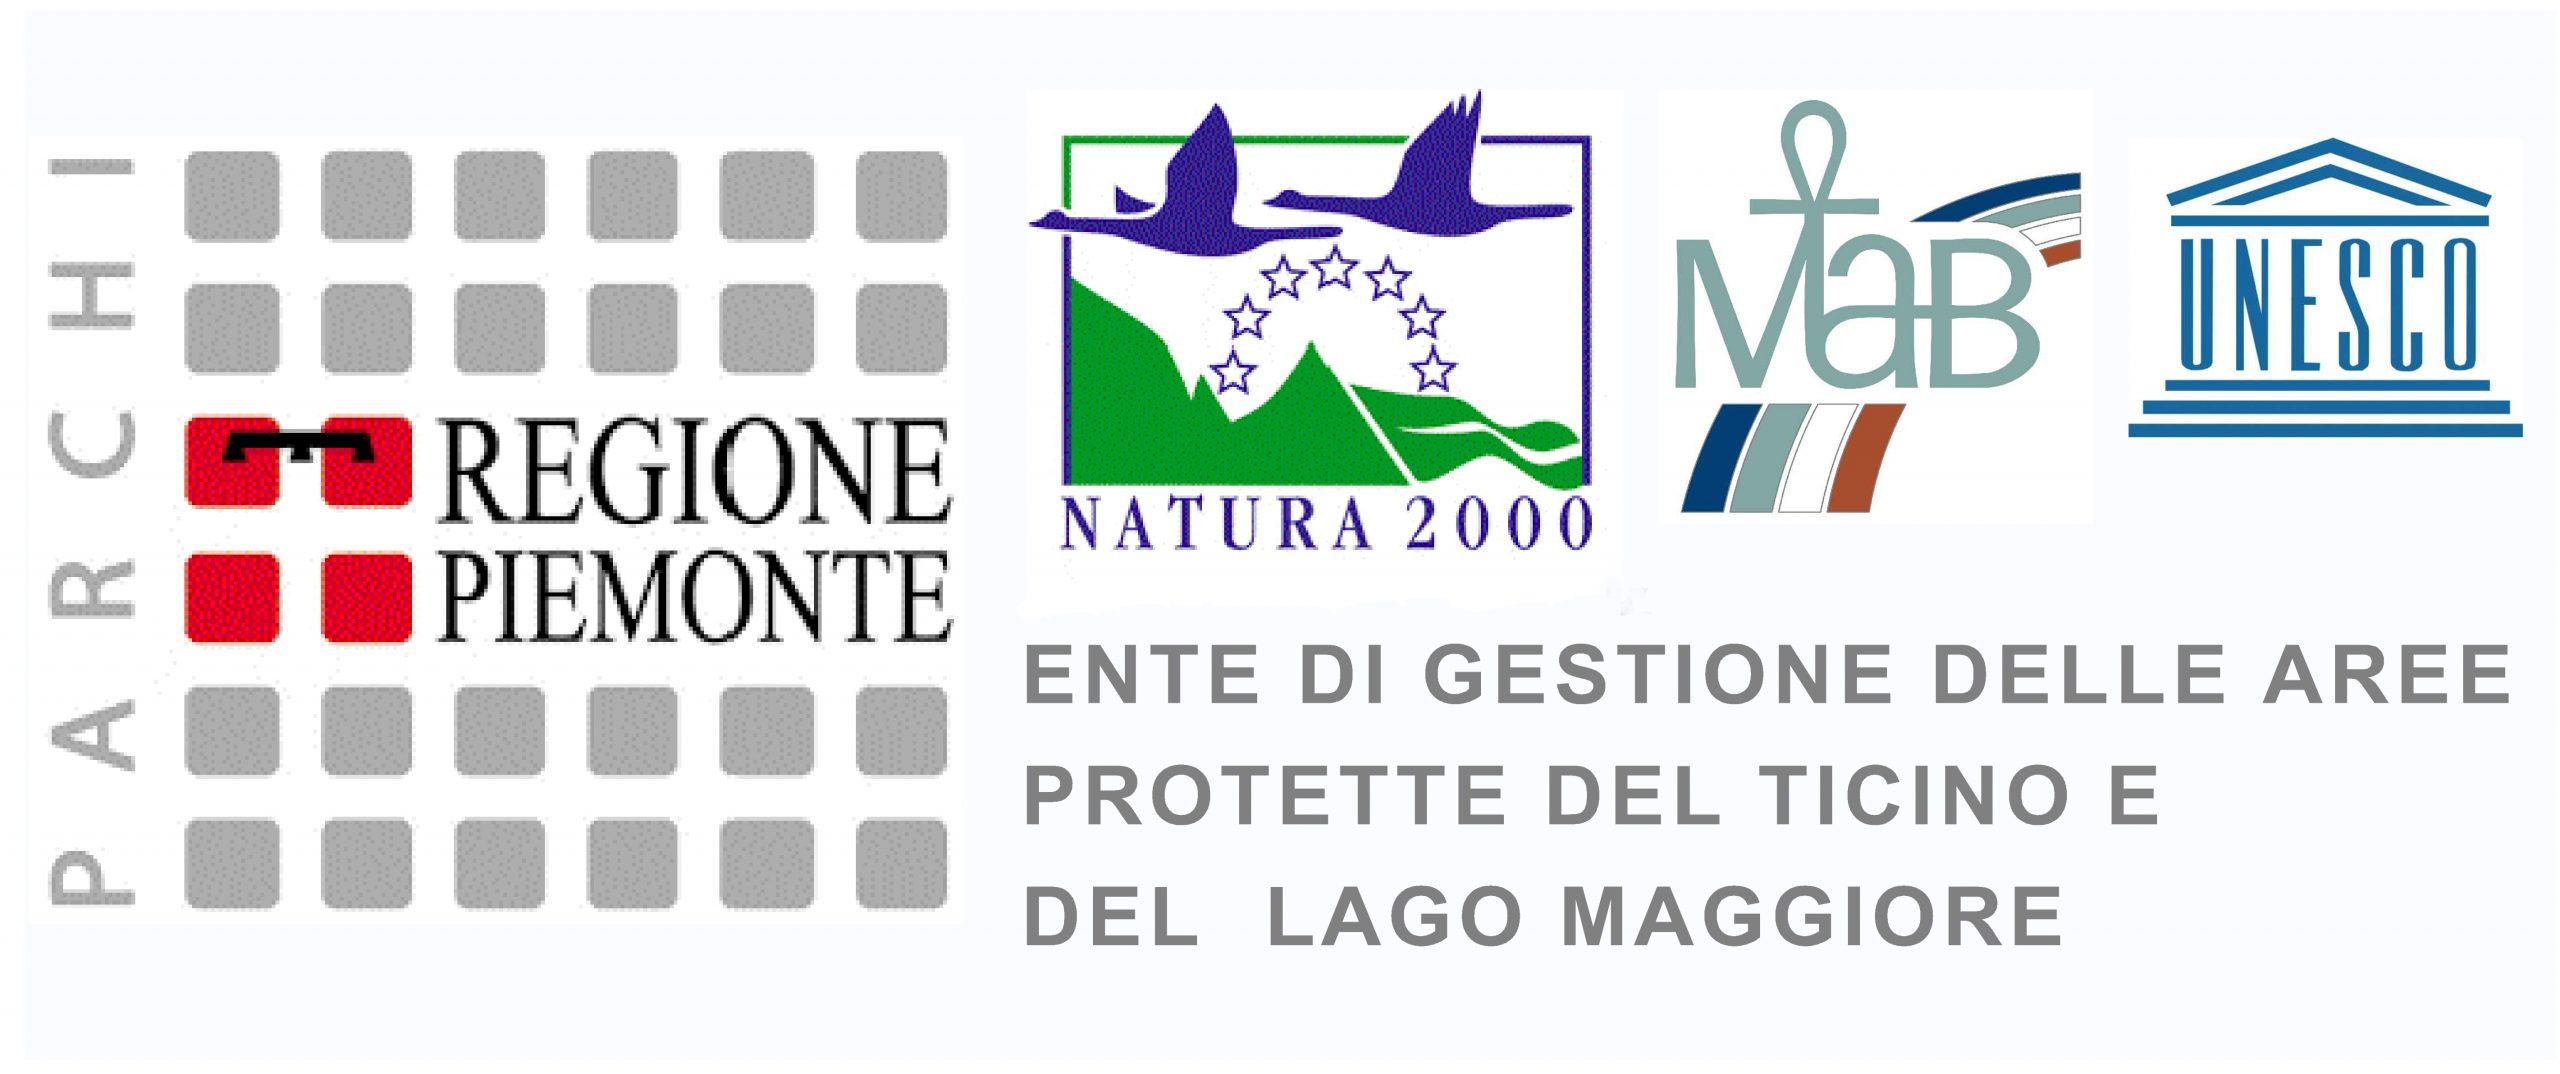 Lago Maggiore (regional park – Italy)